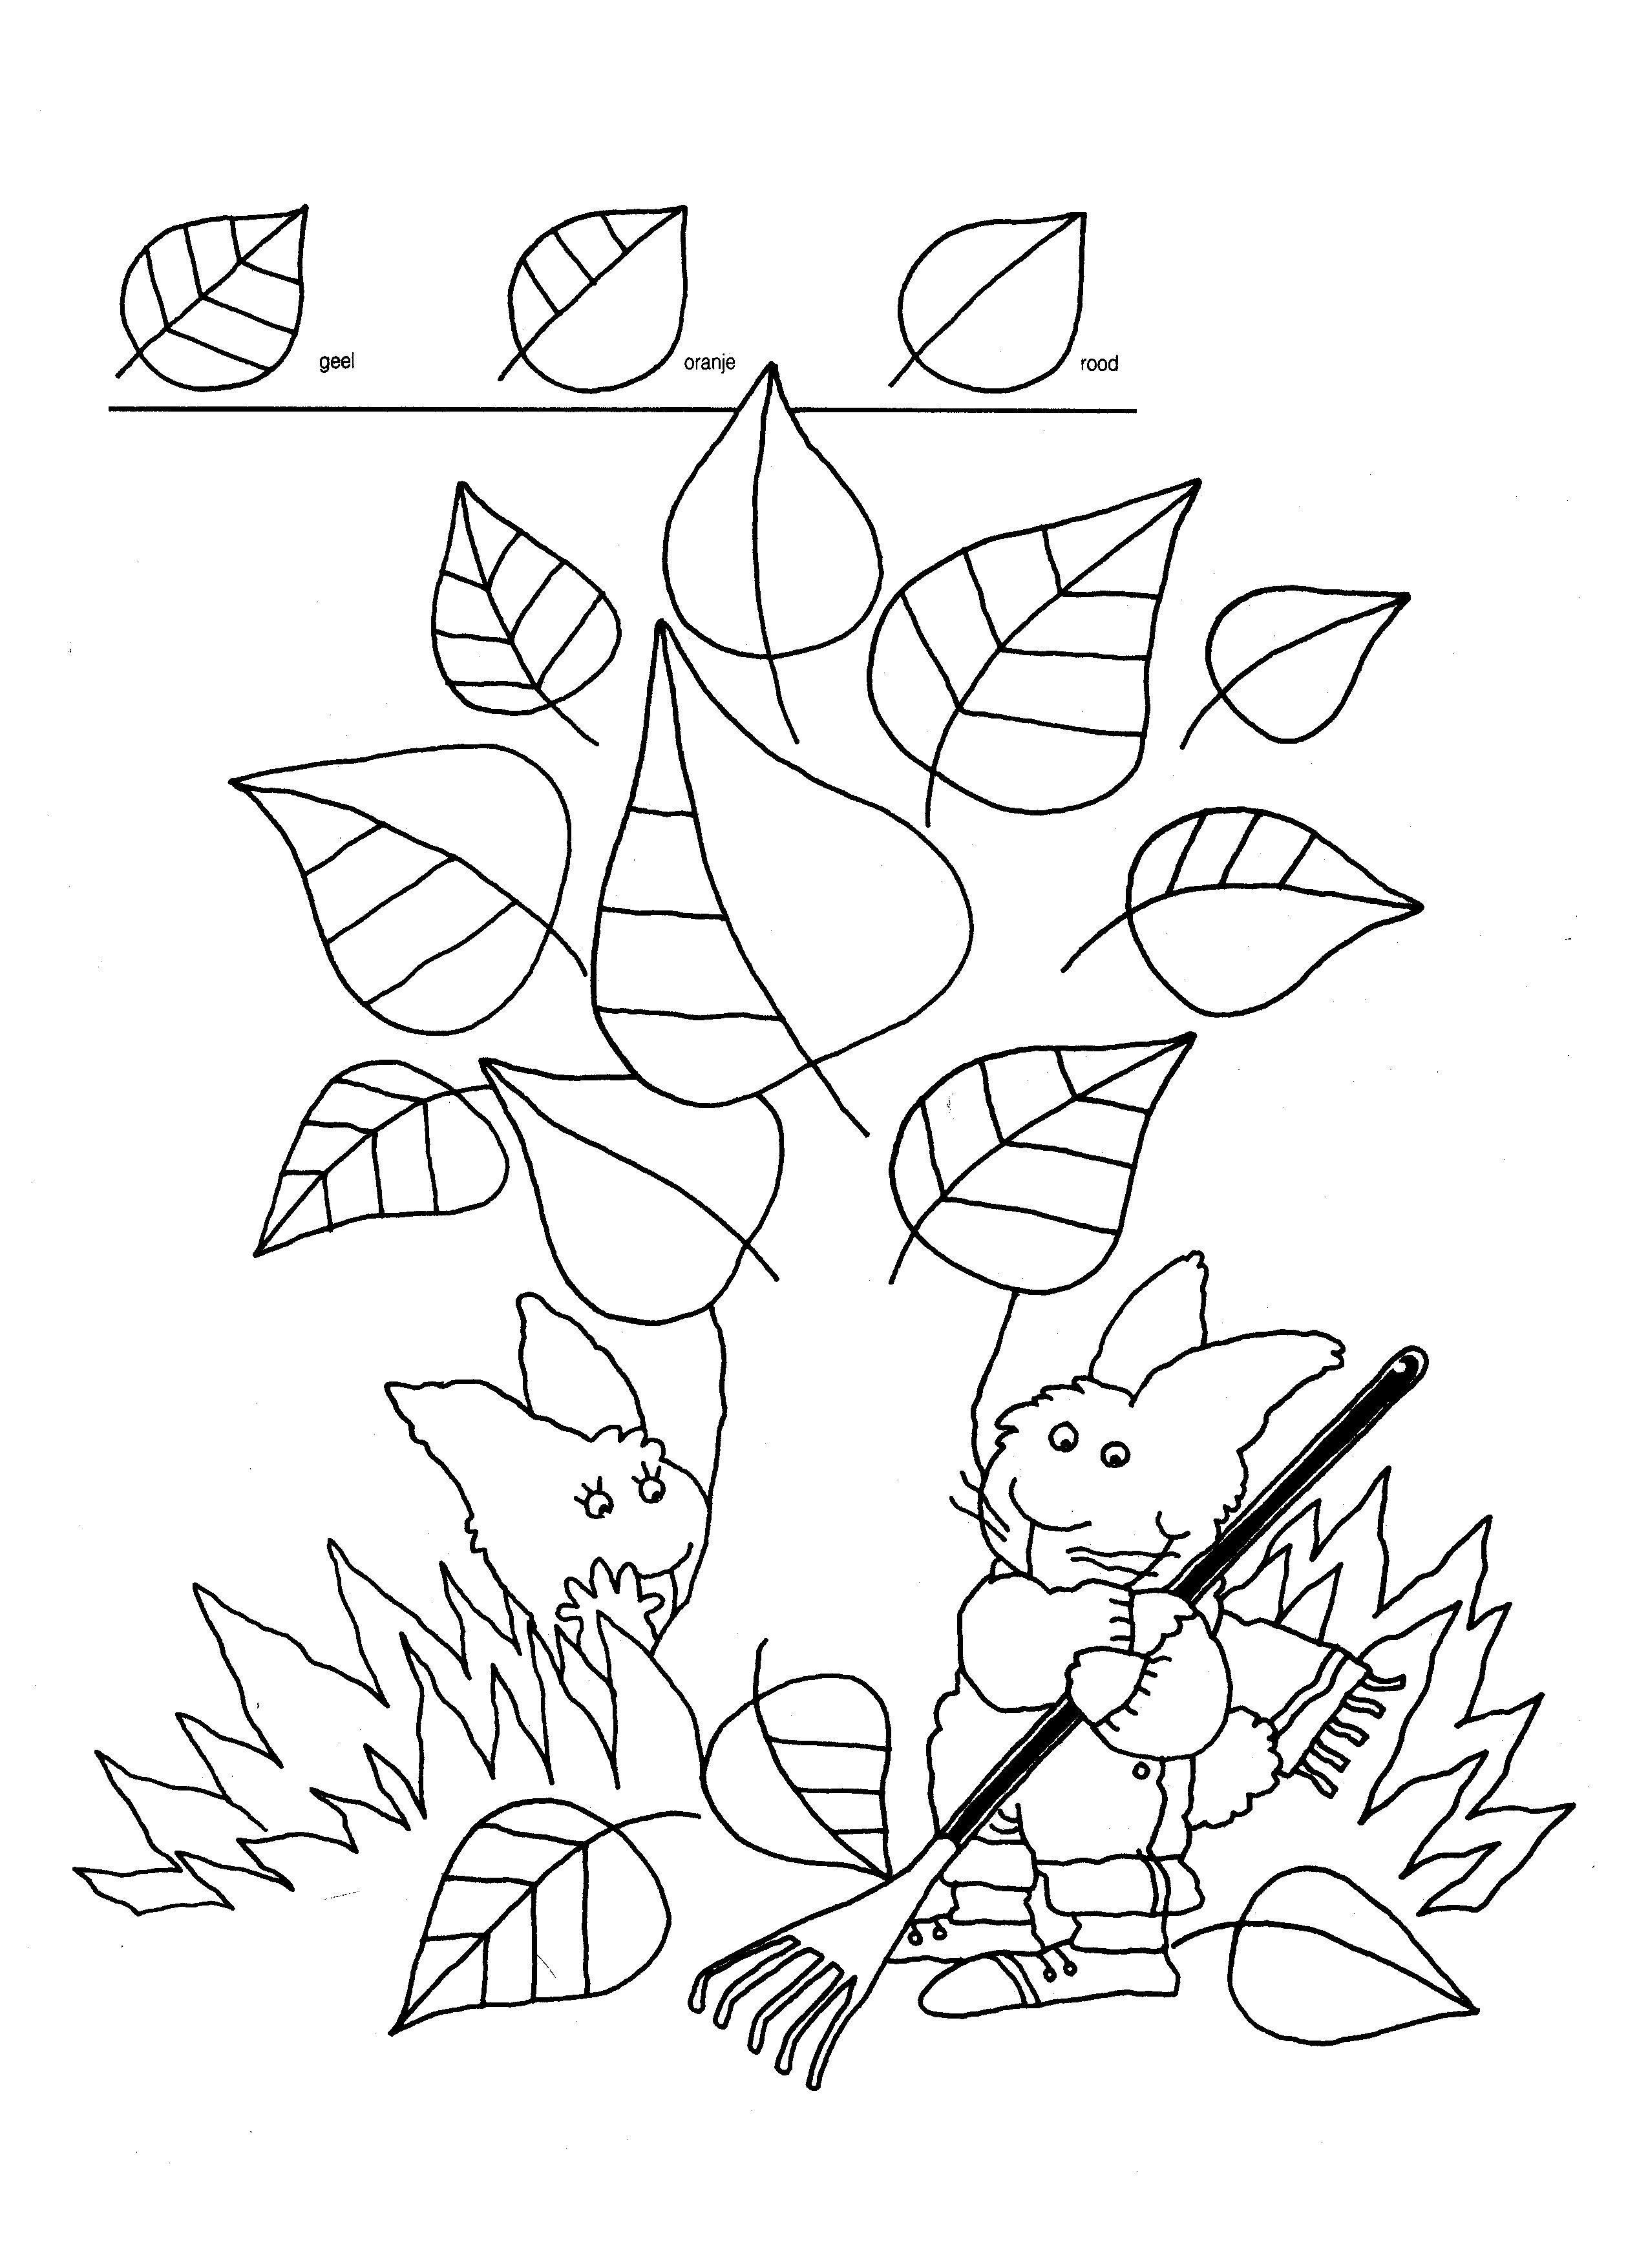 Http Www Kleutergroep Nl Herfst Werkbladen Blaadjes 20kleuren Jpg Herfst Kleuren Werkbladen